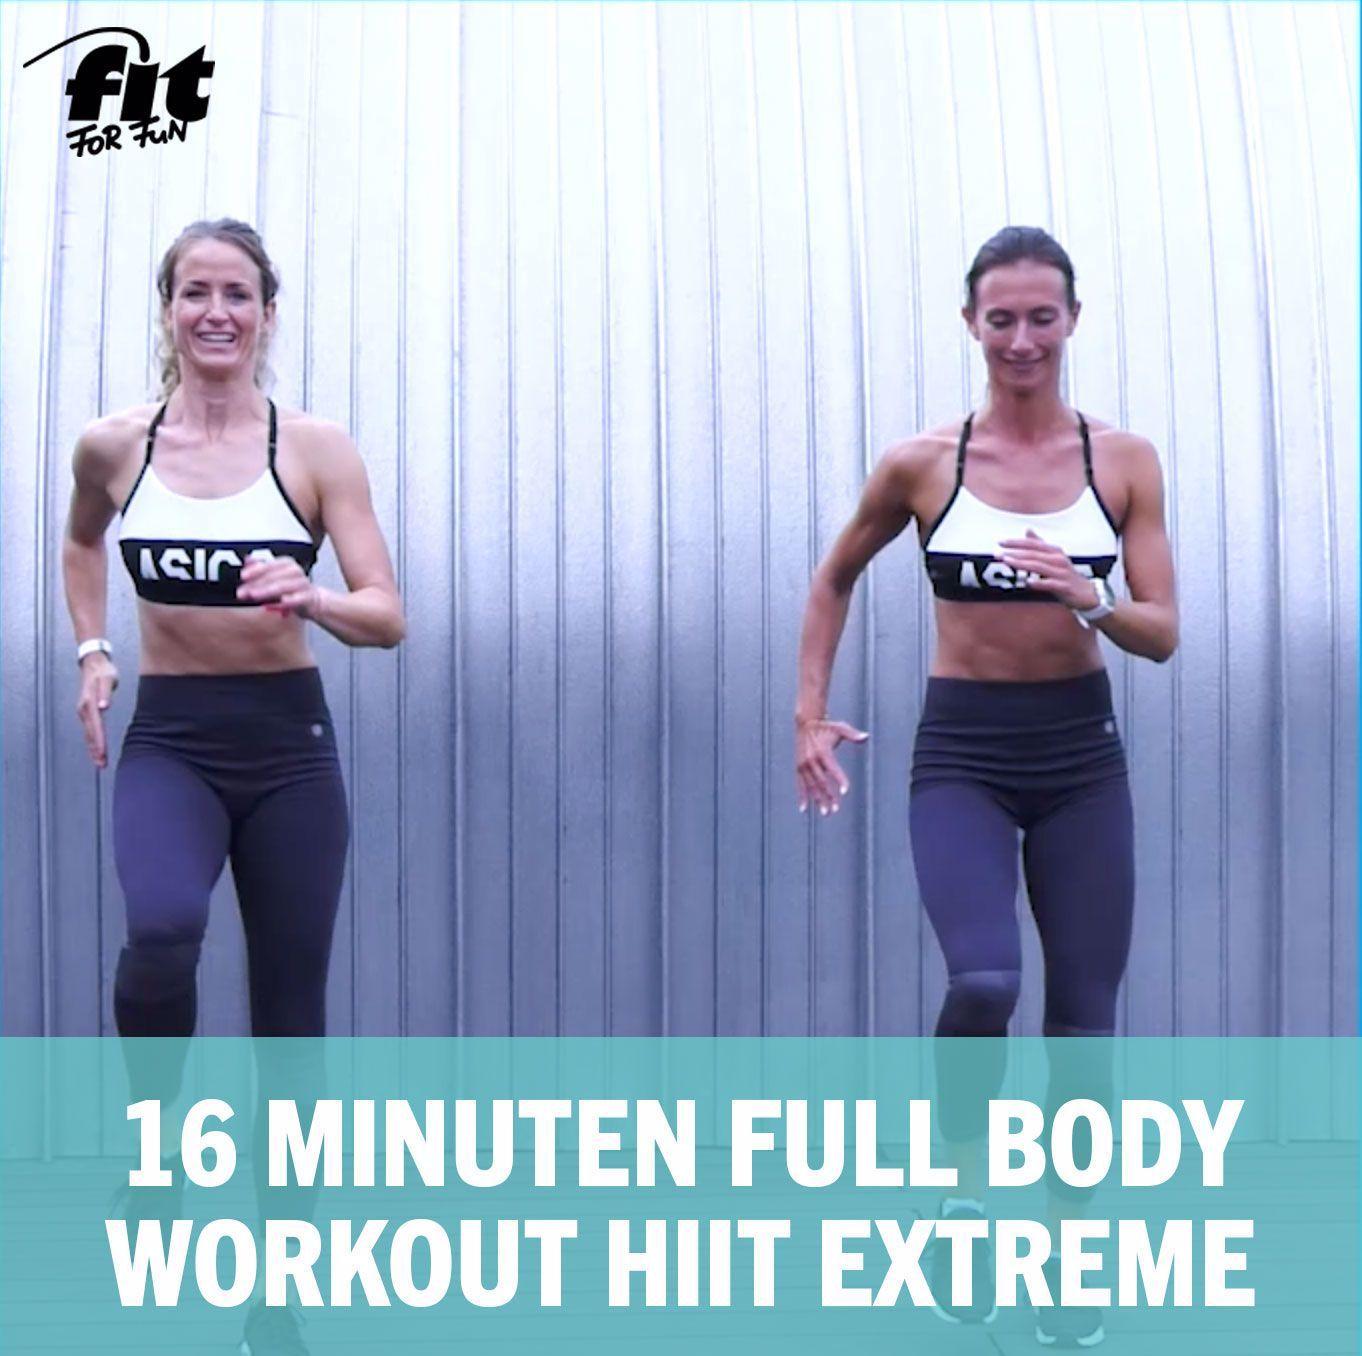 Bist du bereit für ein HIIT-Workout, das deine Muskeln zum Brennen und deinen Stoffwechsel so richti...